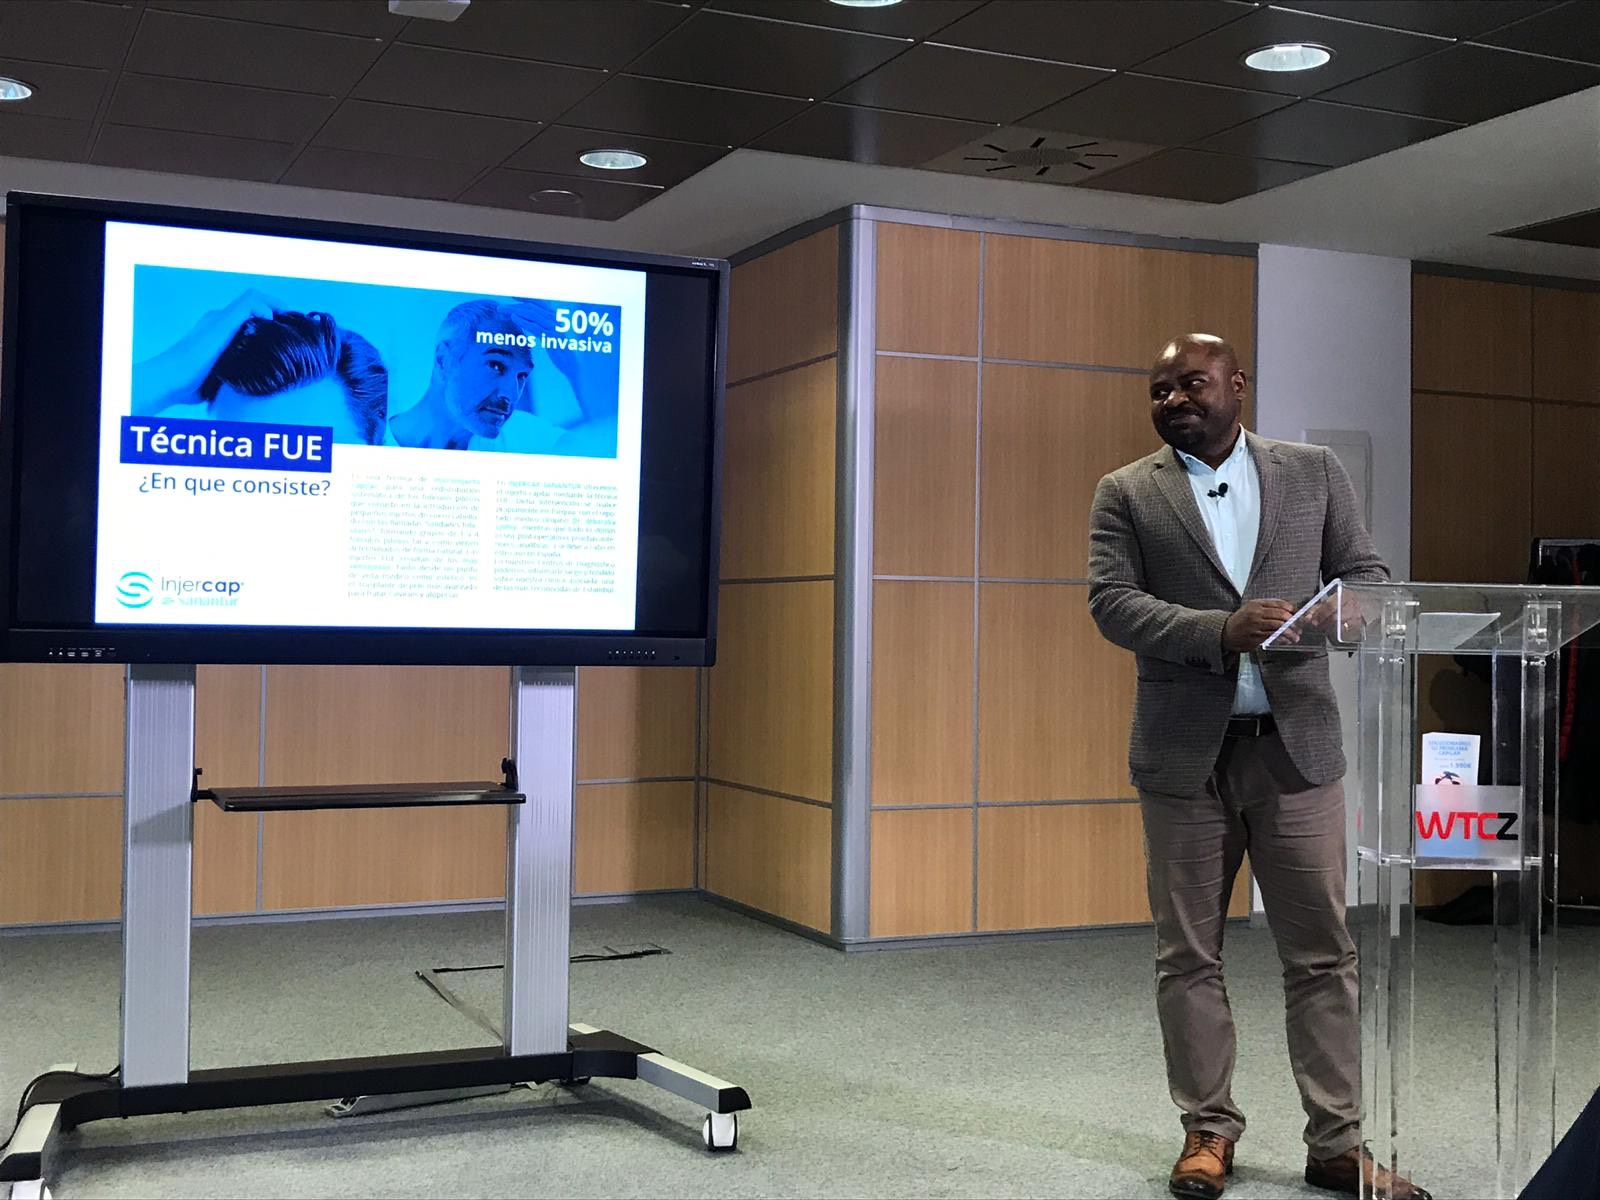 Dr Mbaraka Ahmed en Zaragoza